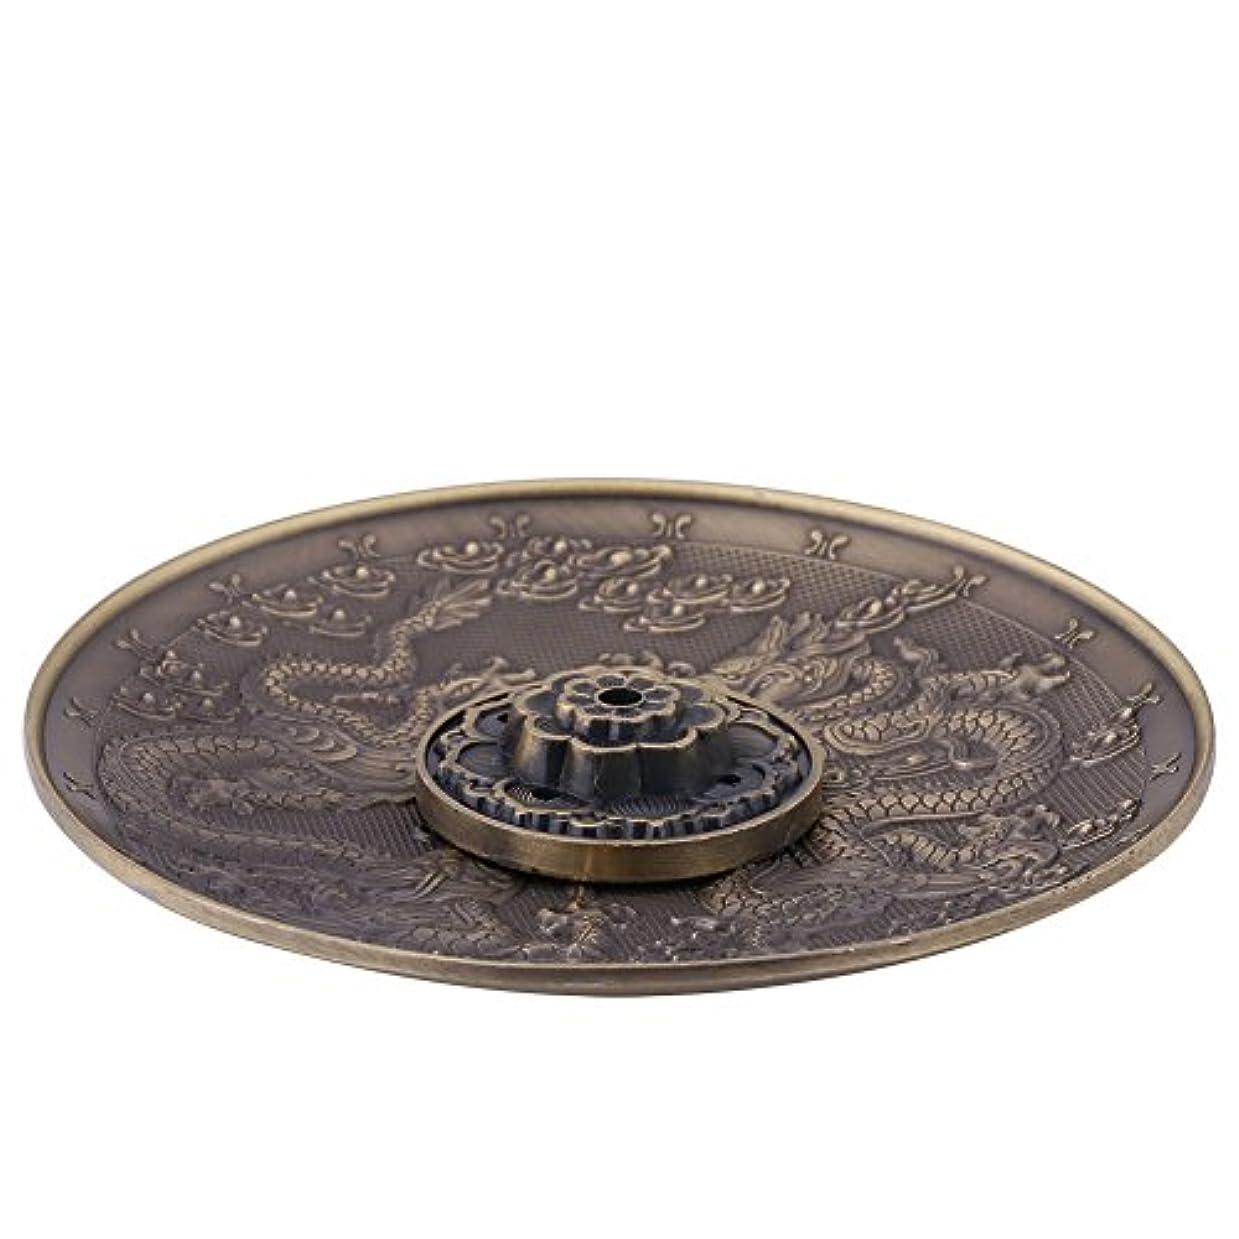 降下お誕生日多分香皿 亜鉛の香り バーナーホルダー寝室の神殿のオフィスのためのドラゴンパターンの香炉プレート(ブロンズ)